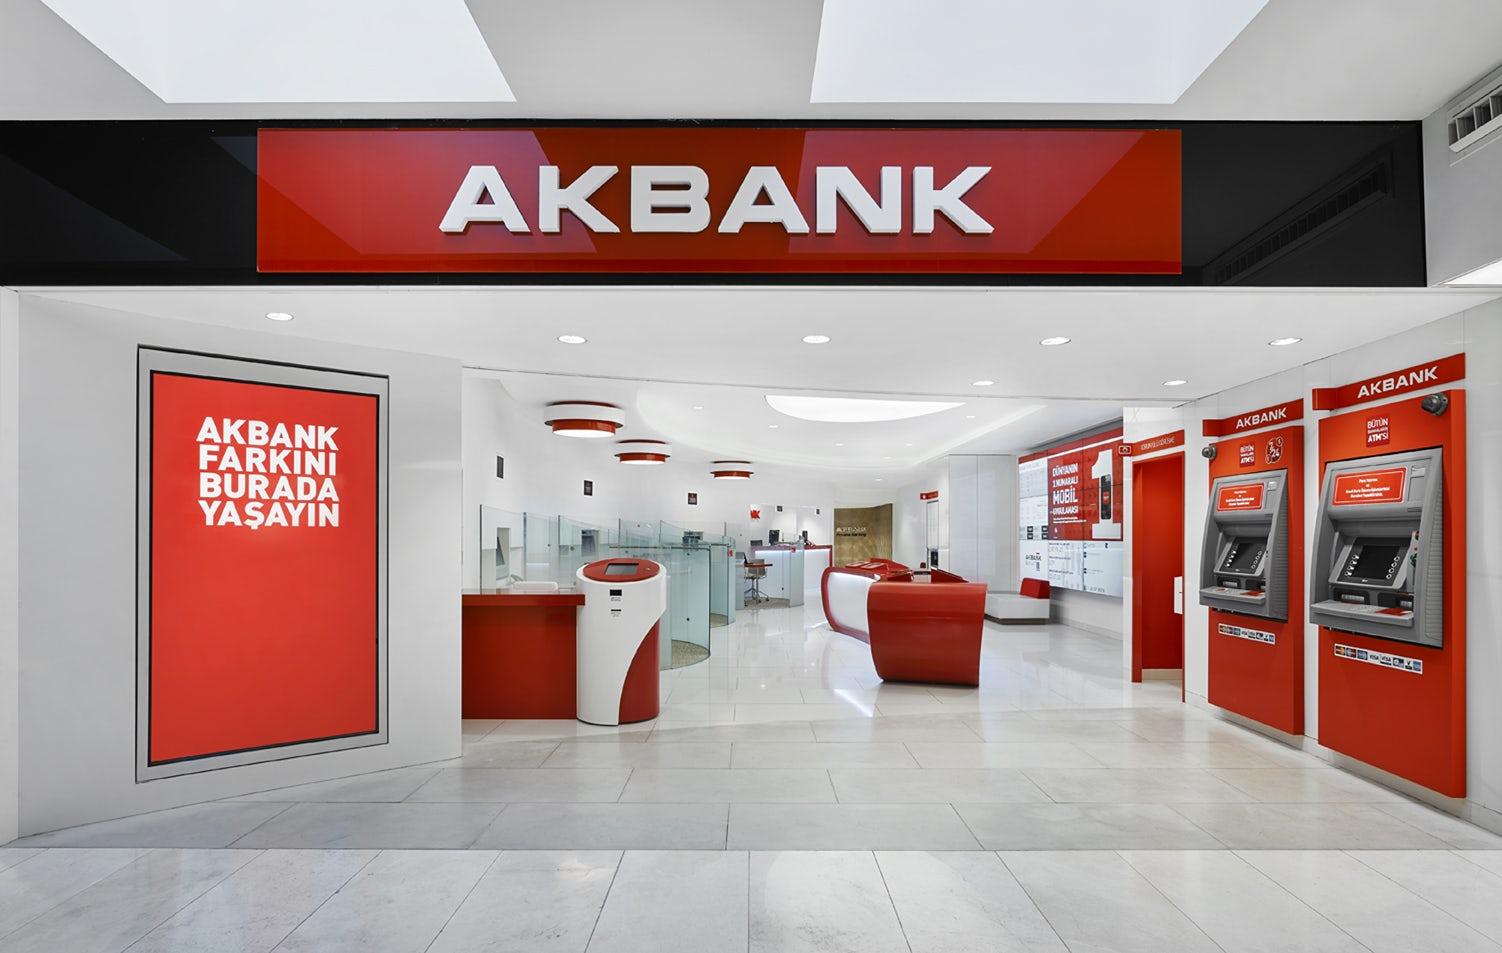 Akbank Kredi Kartı Başvuru Sonucunu Öğrenmek 1